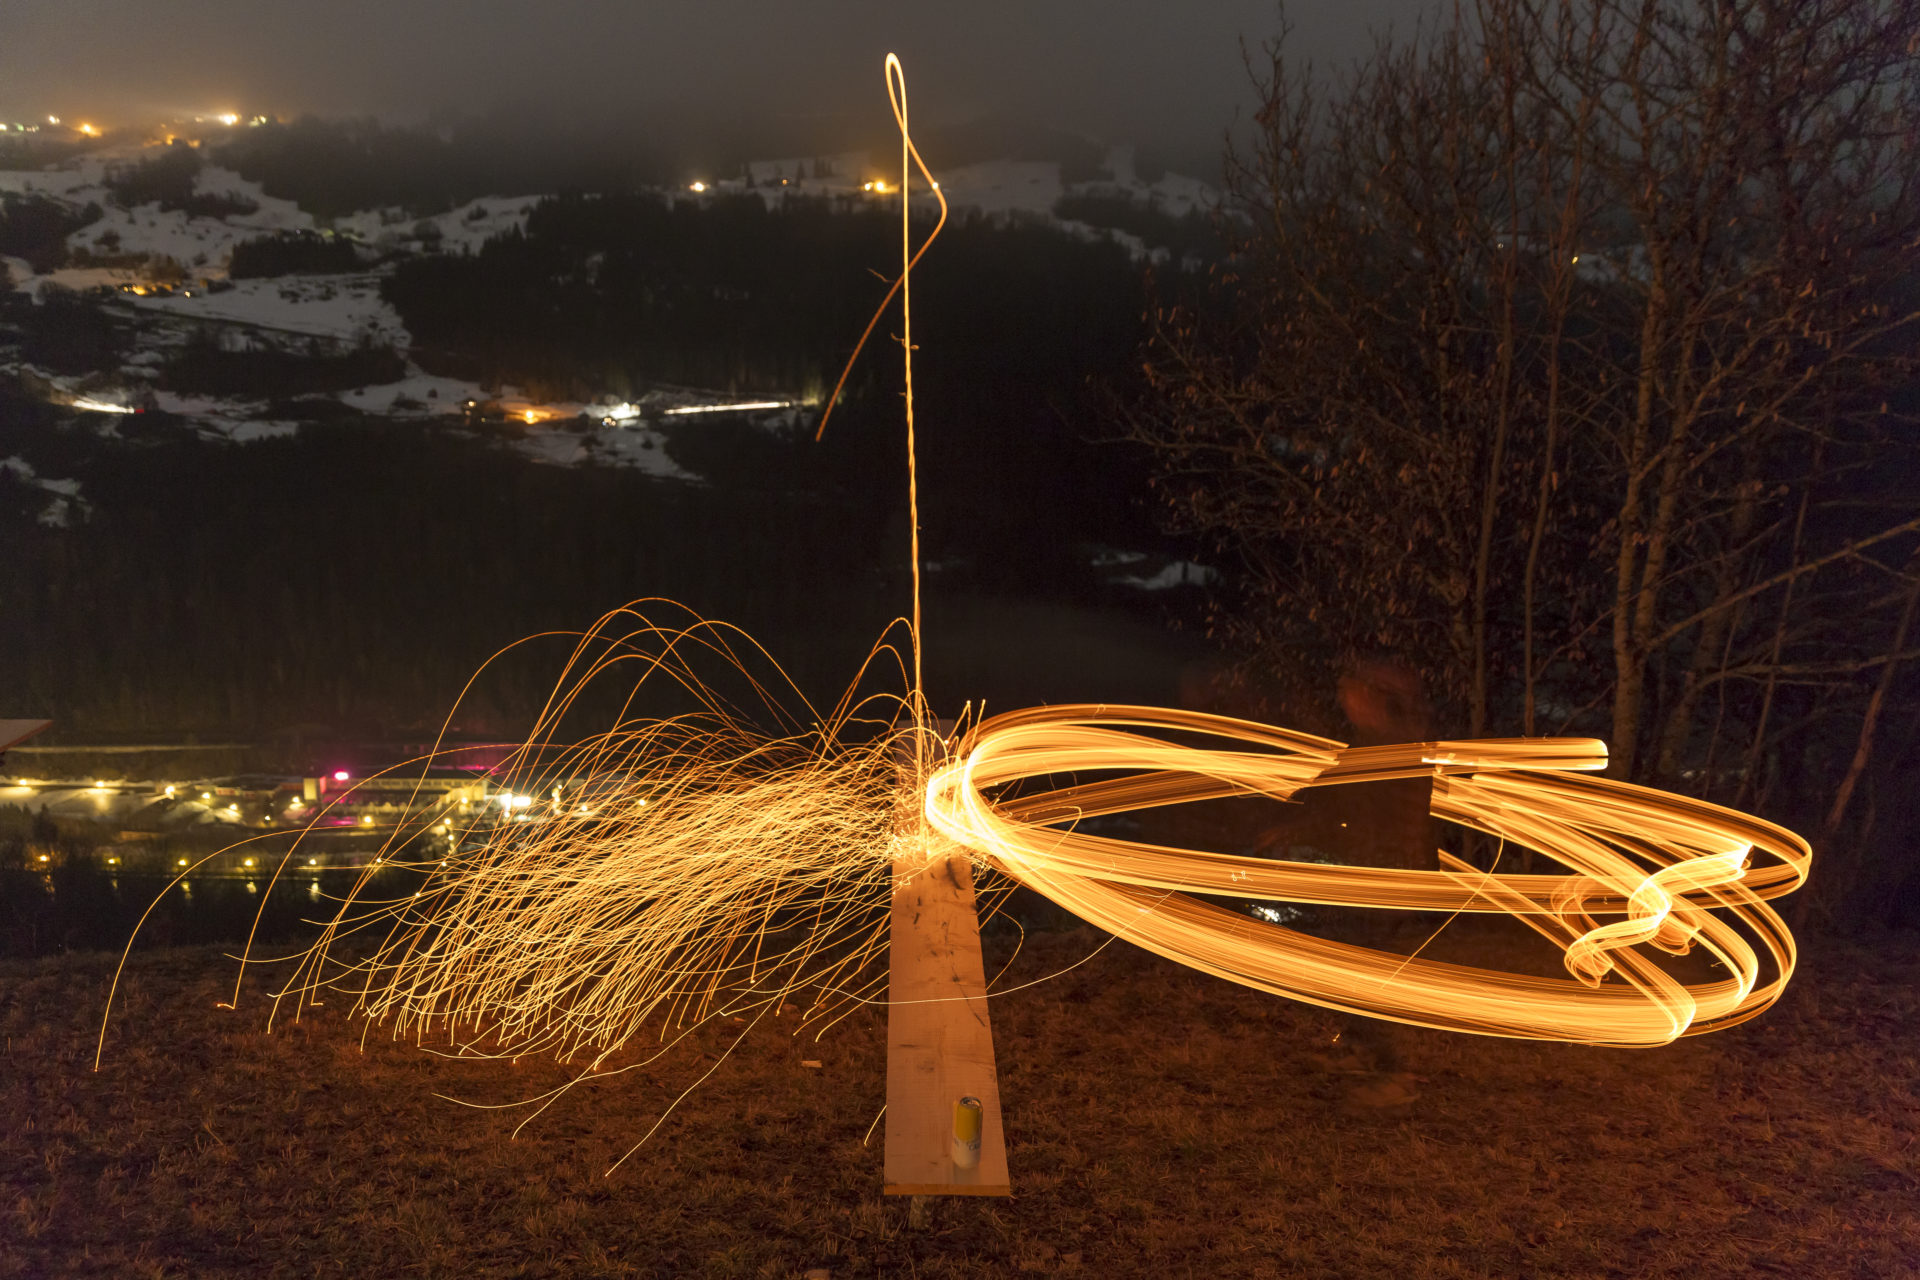 Winternacht mit Feuer und glühendem Holz. Schibettas